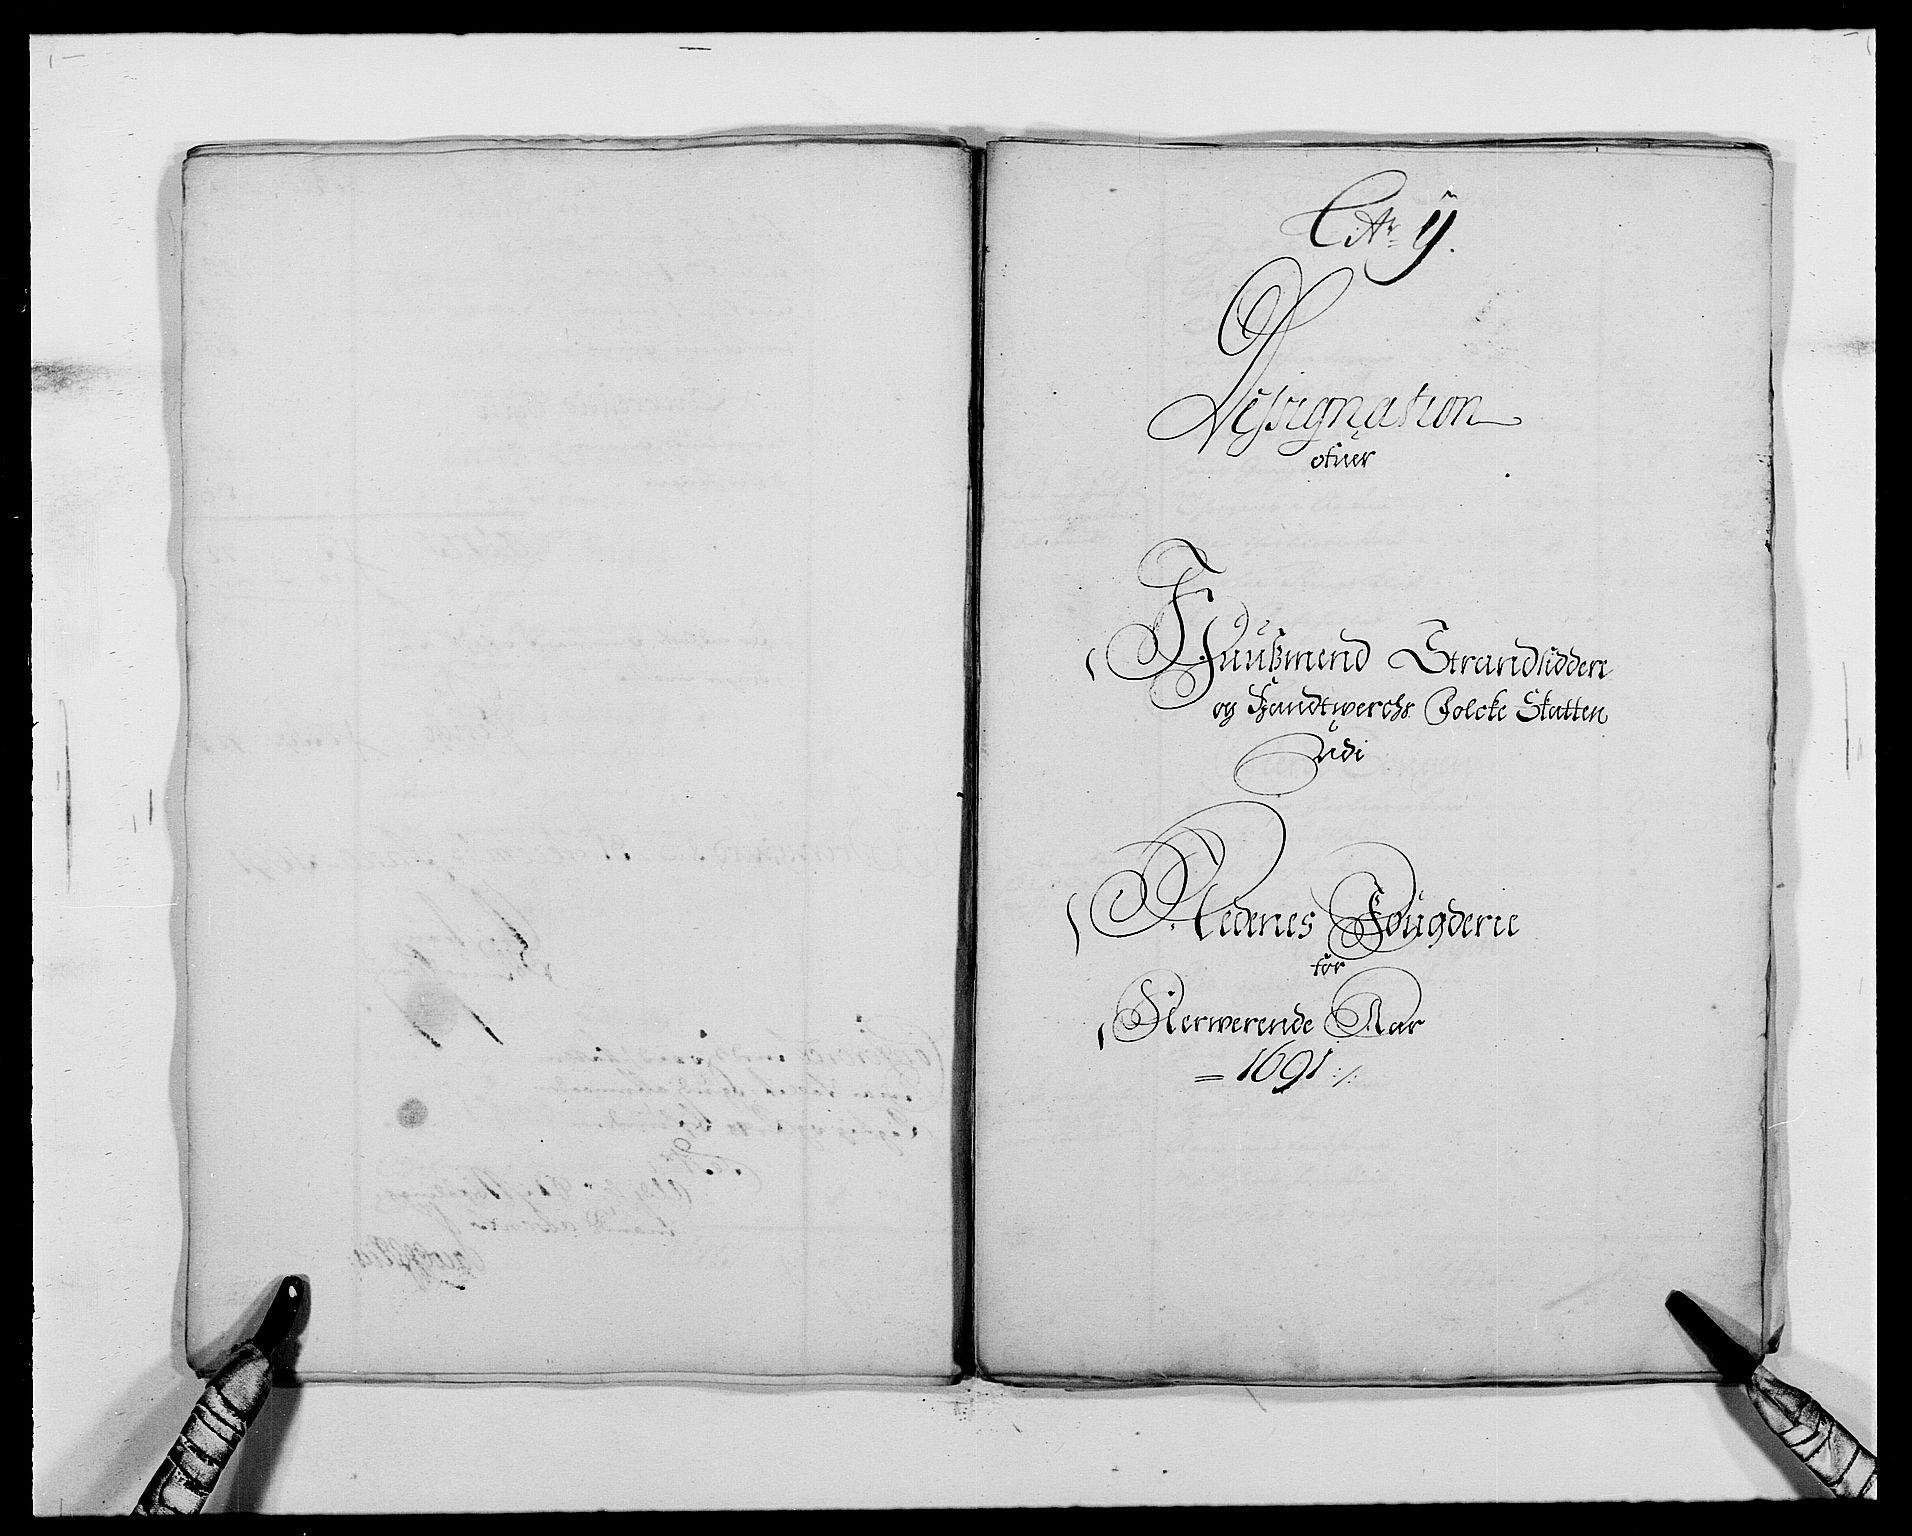 RA, Rentekammeret inntil 1814, Reviderte regnskaper, Fogderegnskap, R39/L2311: Fogderegnskap Nedenes, 1690-1692, s. 95